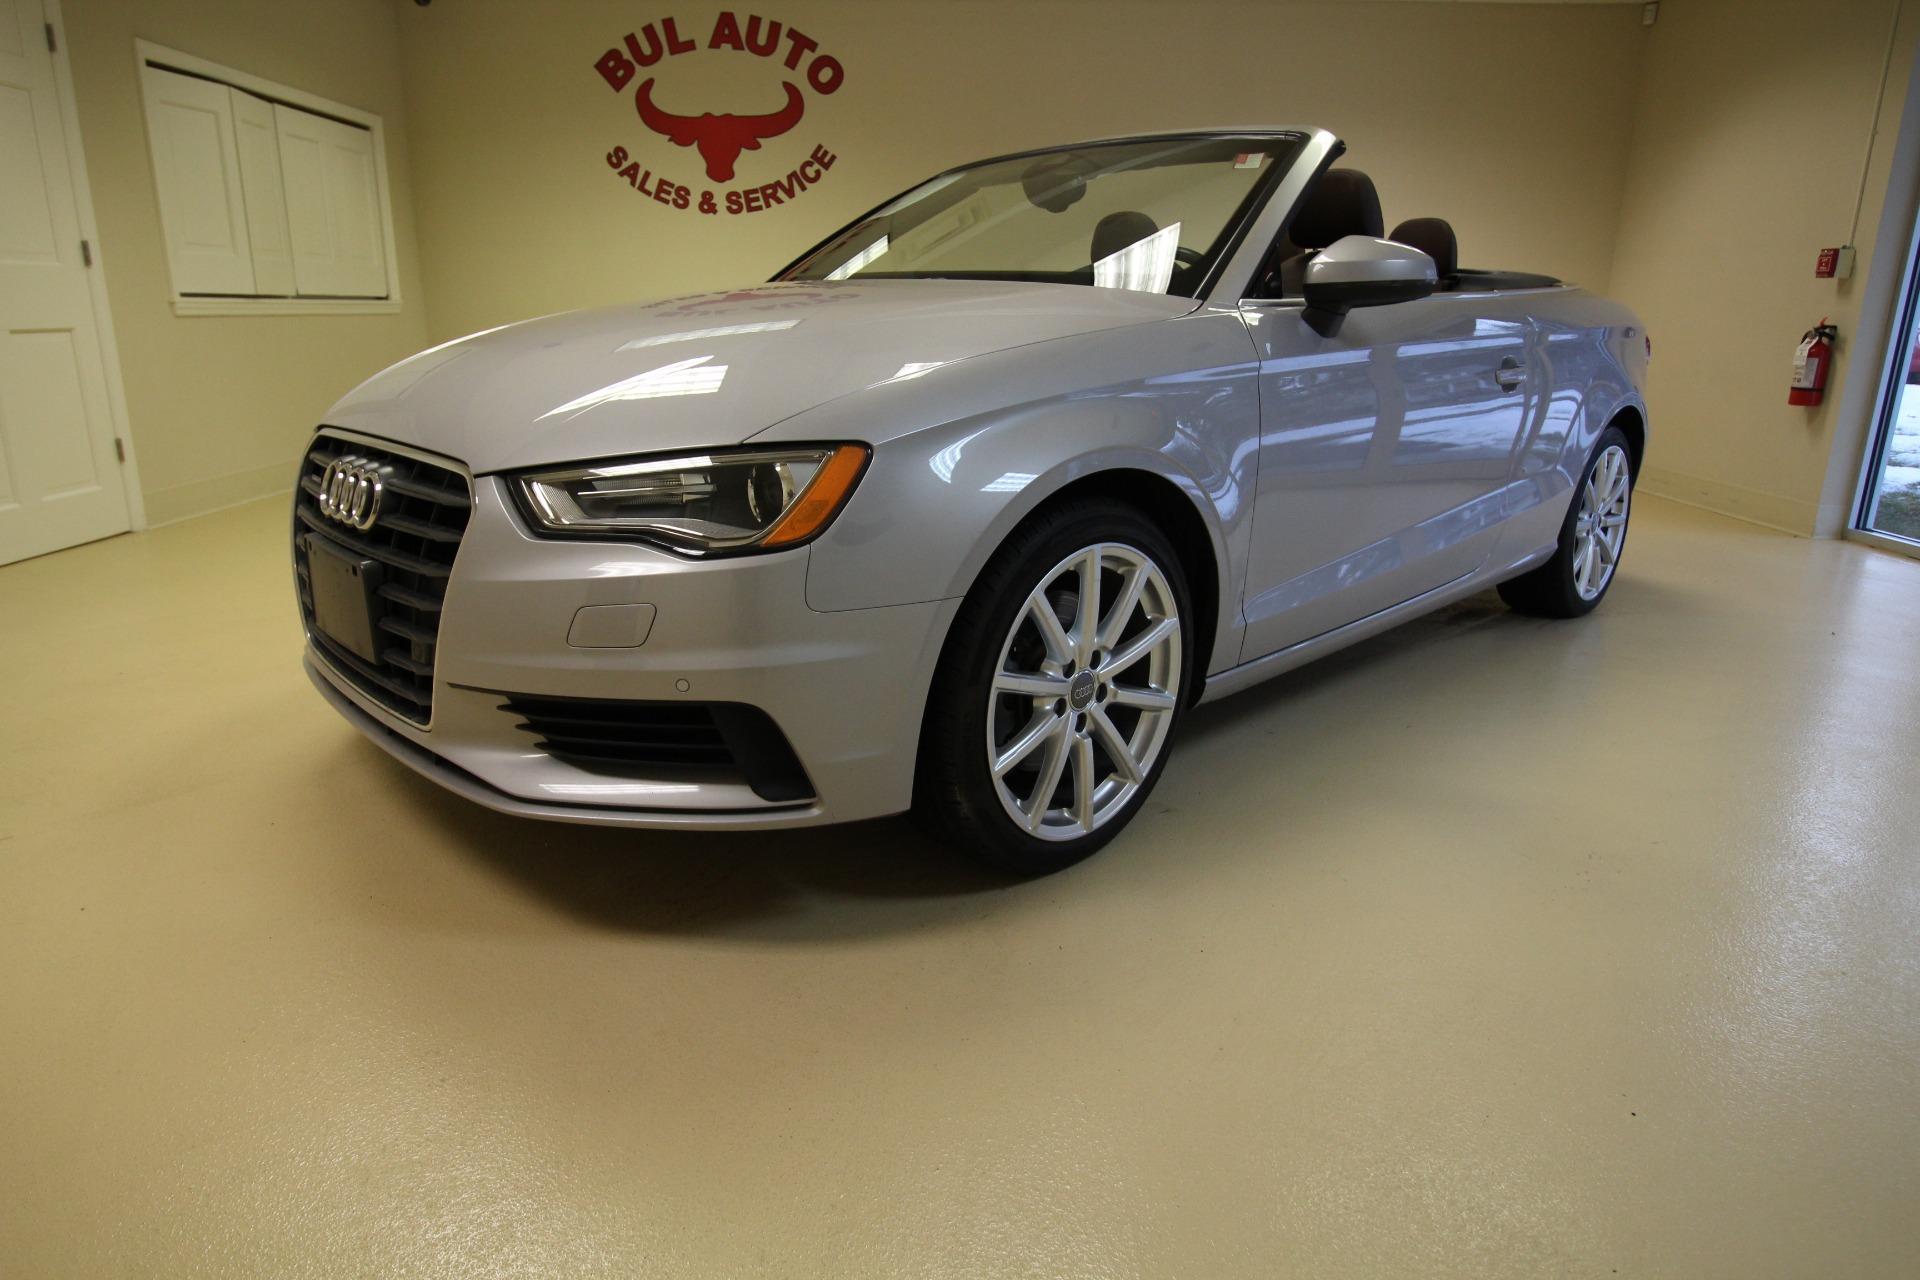 Audi A T Premium Plus Cabriolet Quattro S Tronic Stock - Audi dealers ny